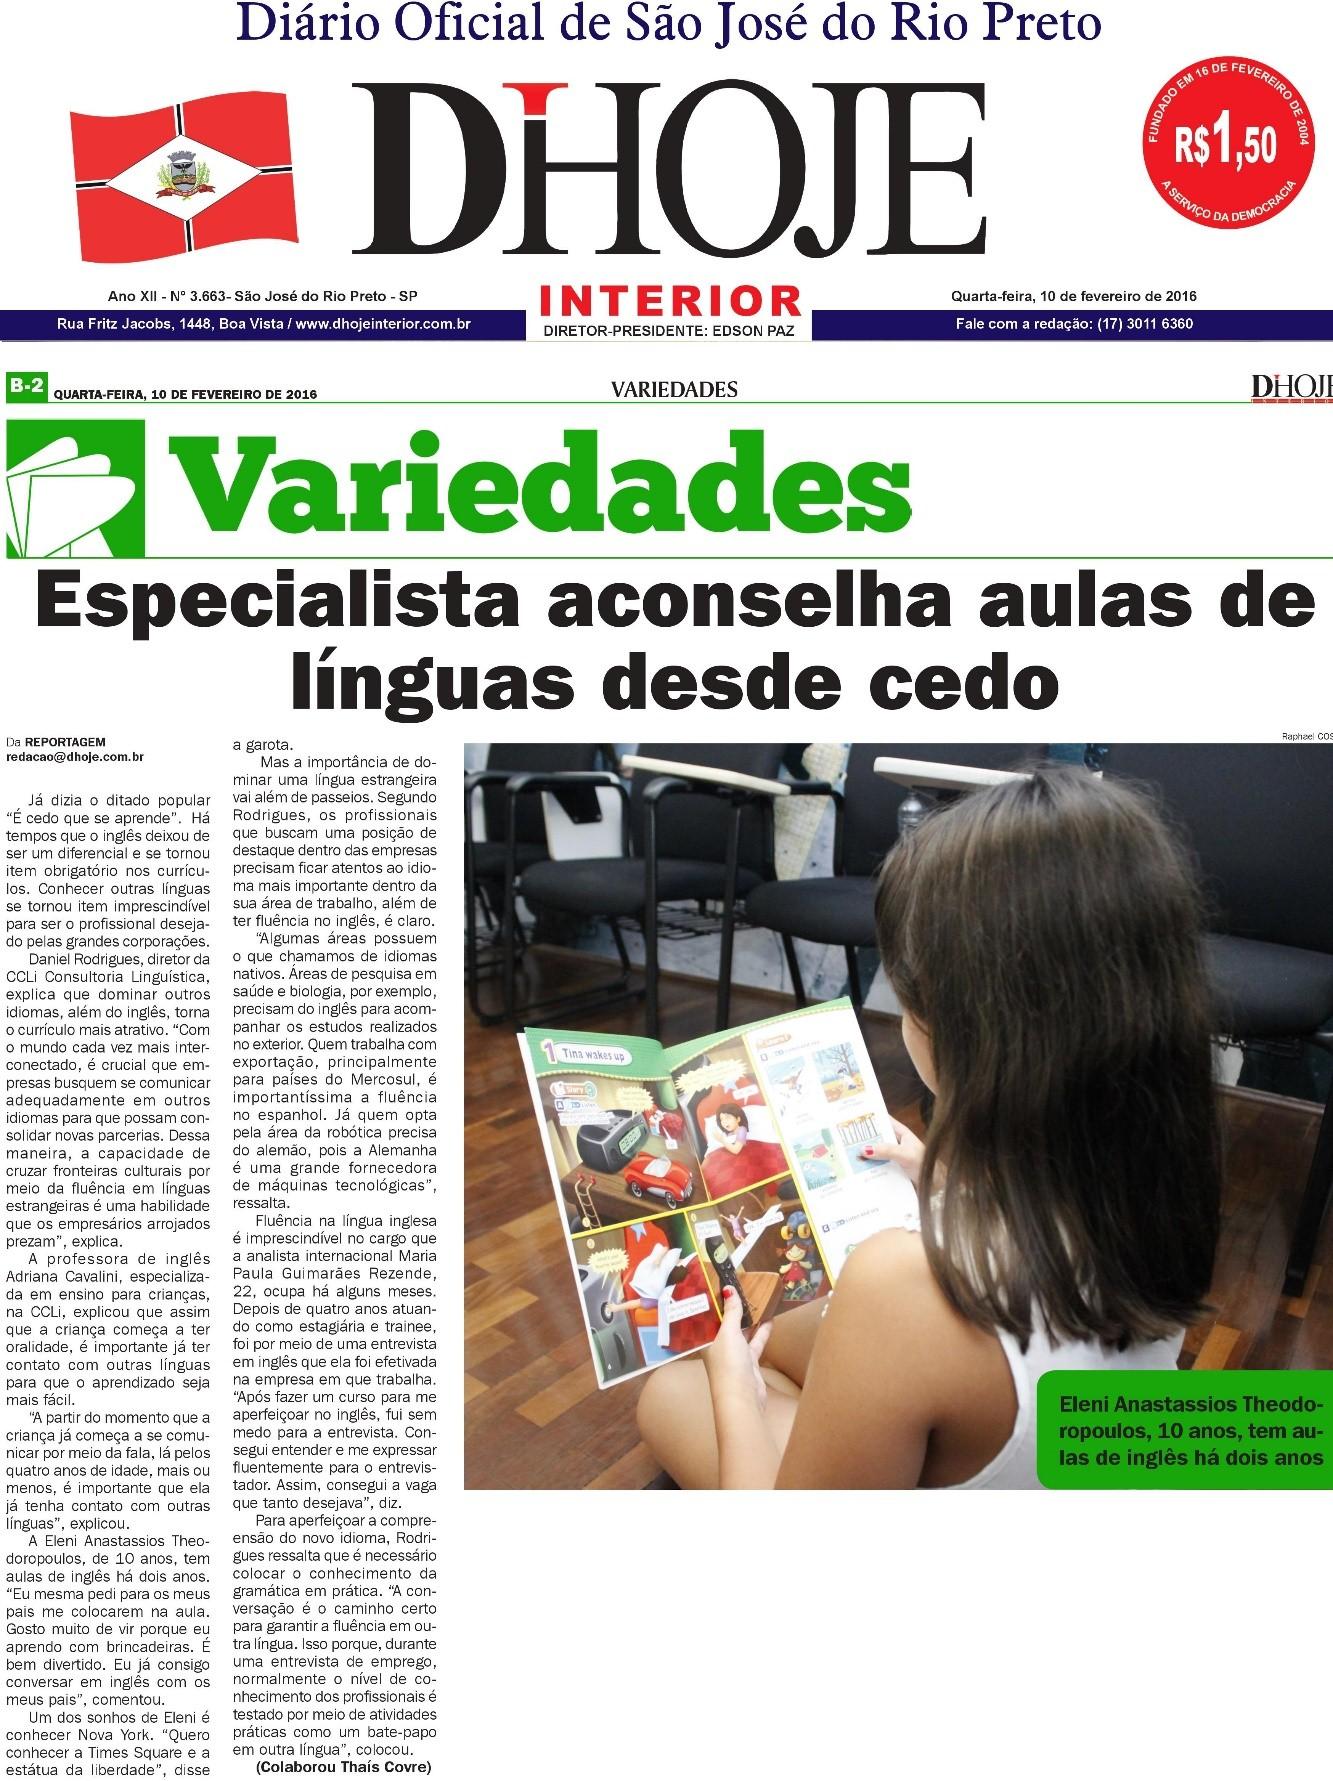 estudar-outras-linguas